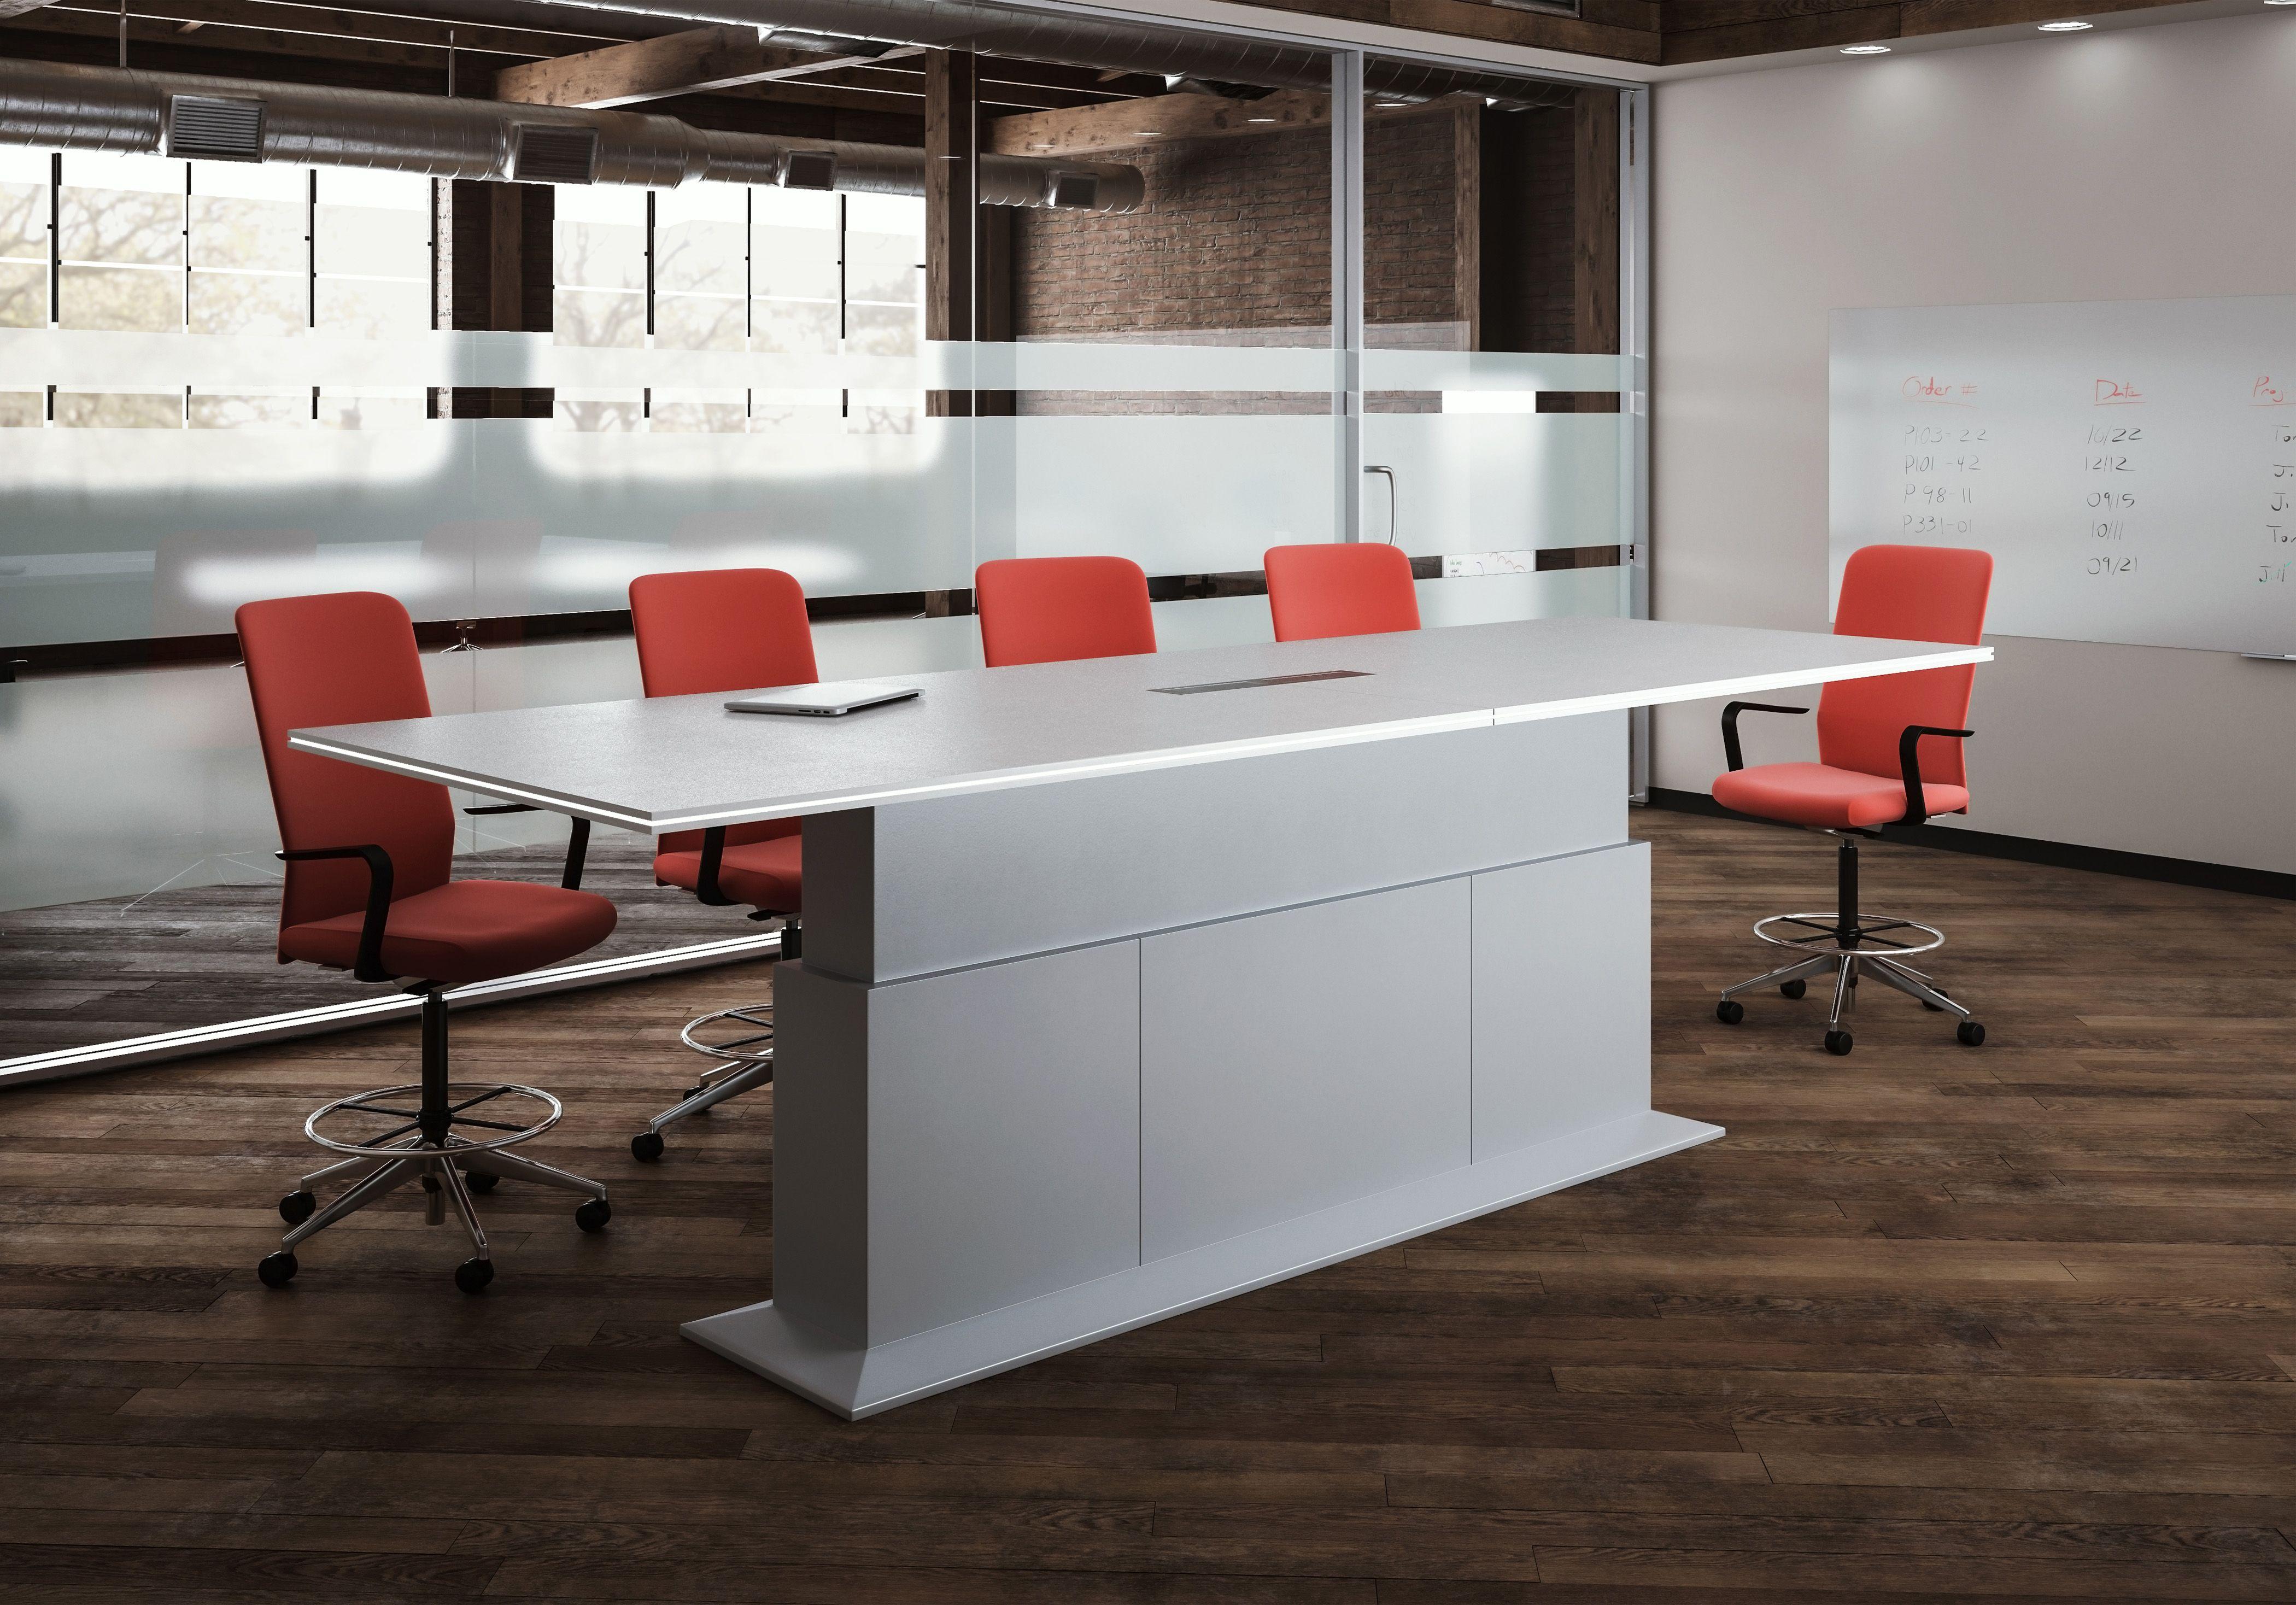 Enwork Height Adjustable Conference FurnitureSpace Ideas - Height adjustable meeting table